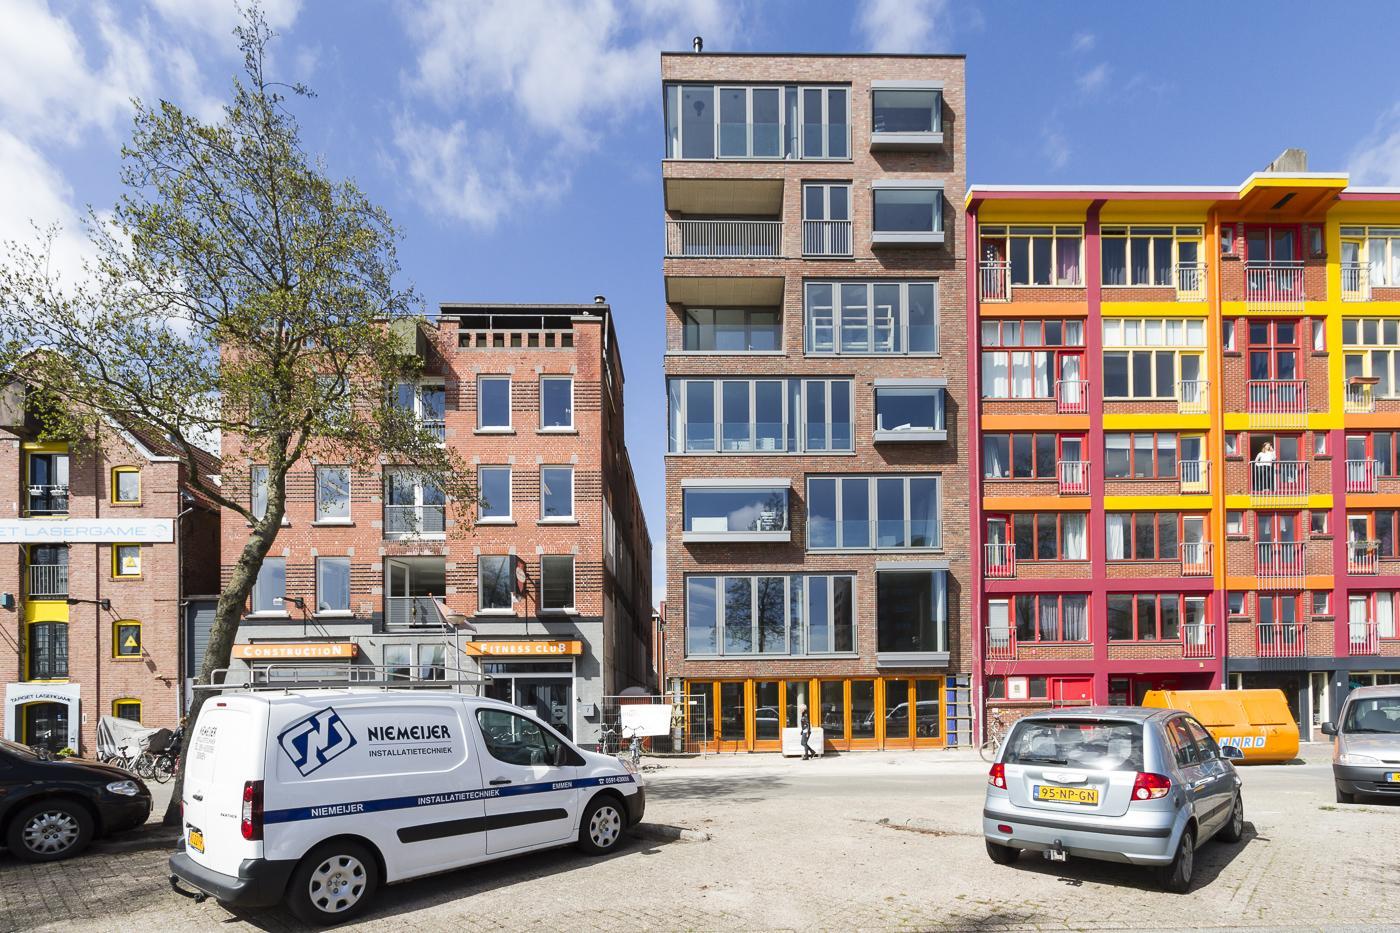 Nominatie mooiste gebouw Groningen